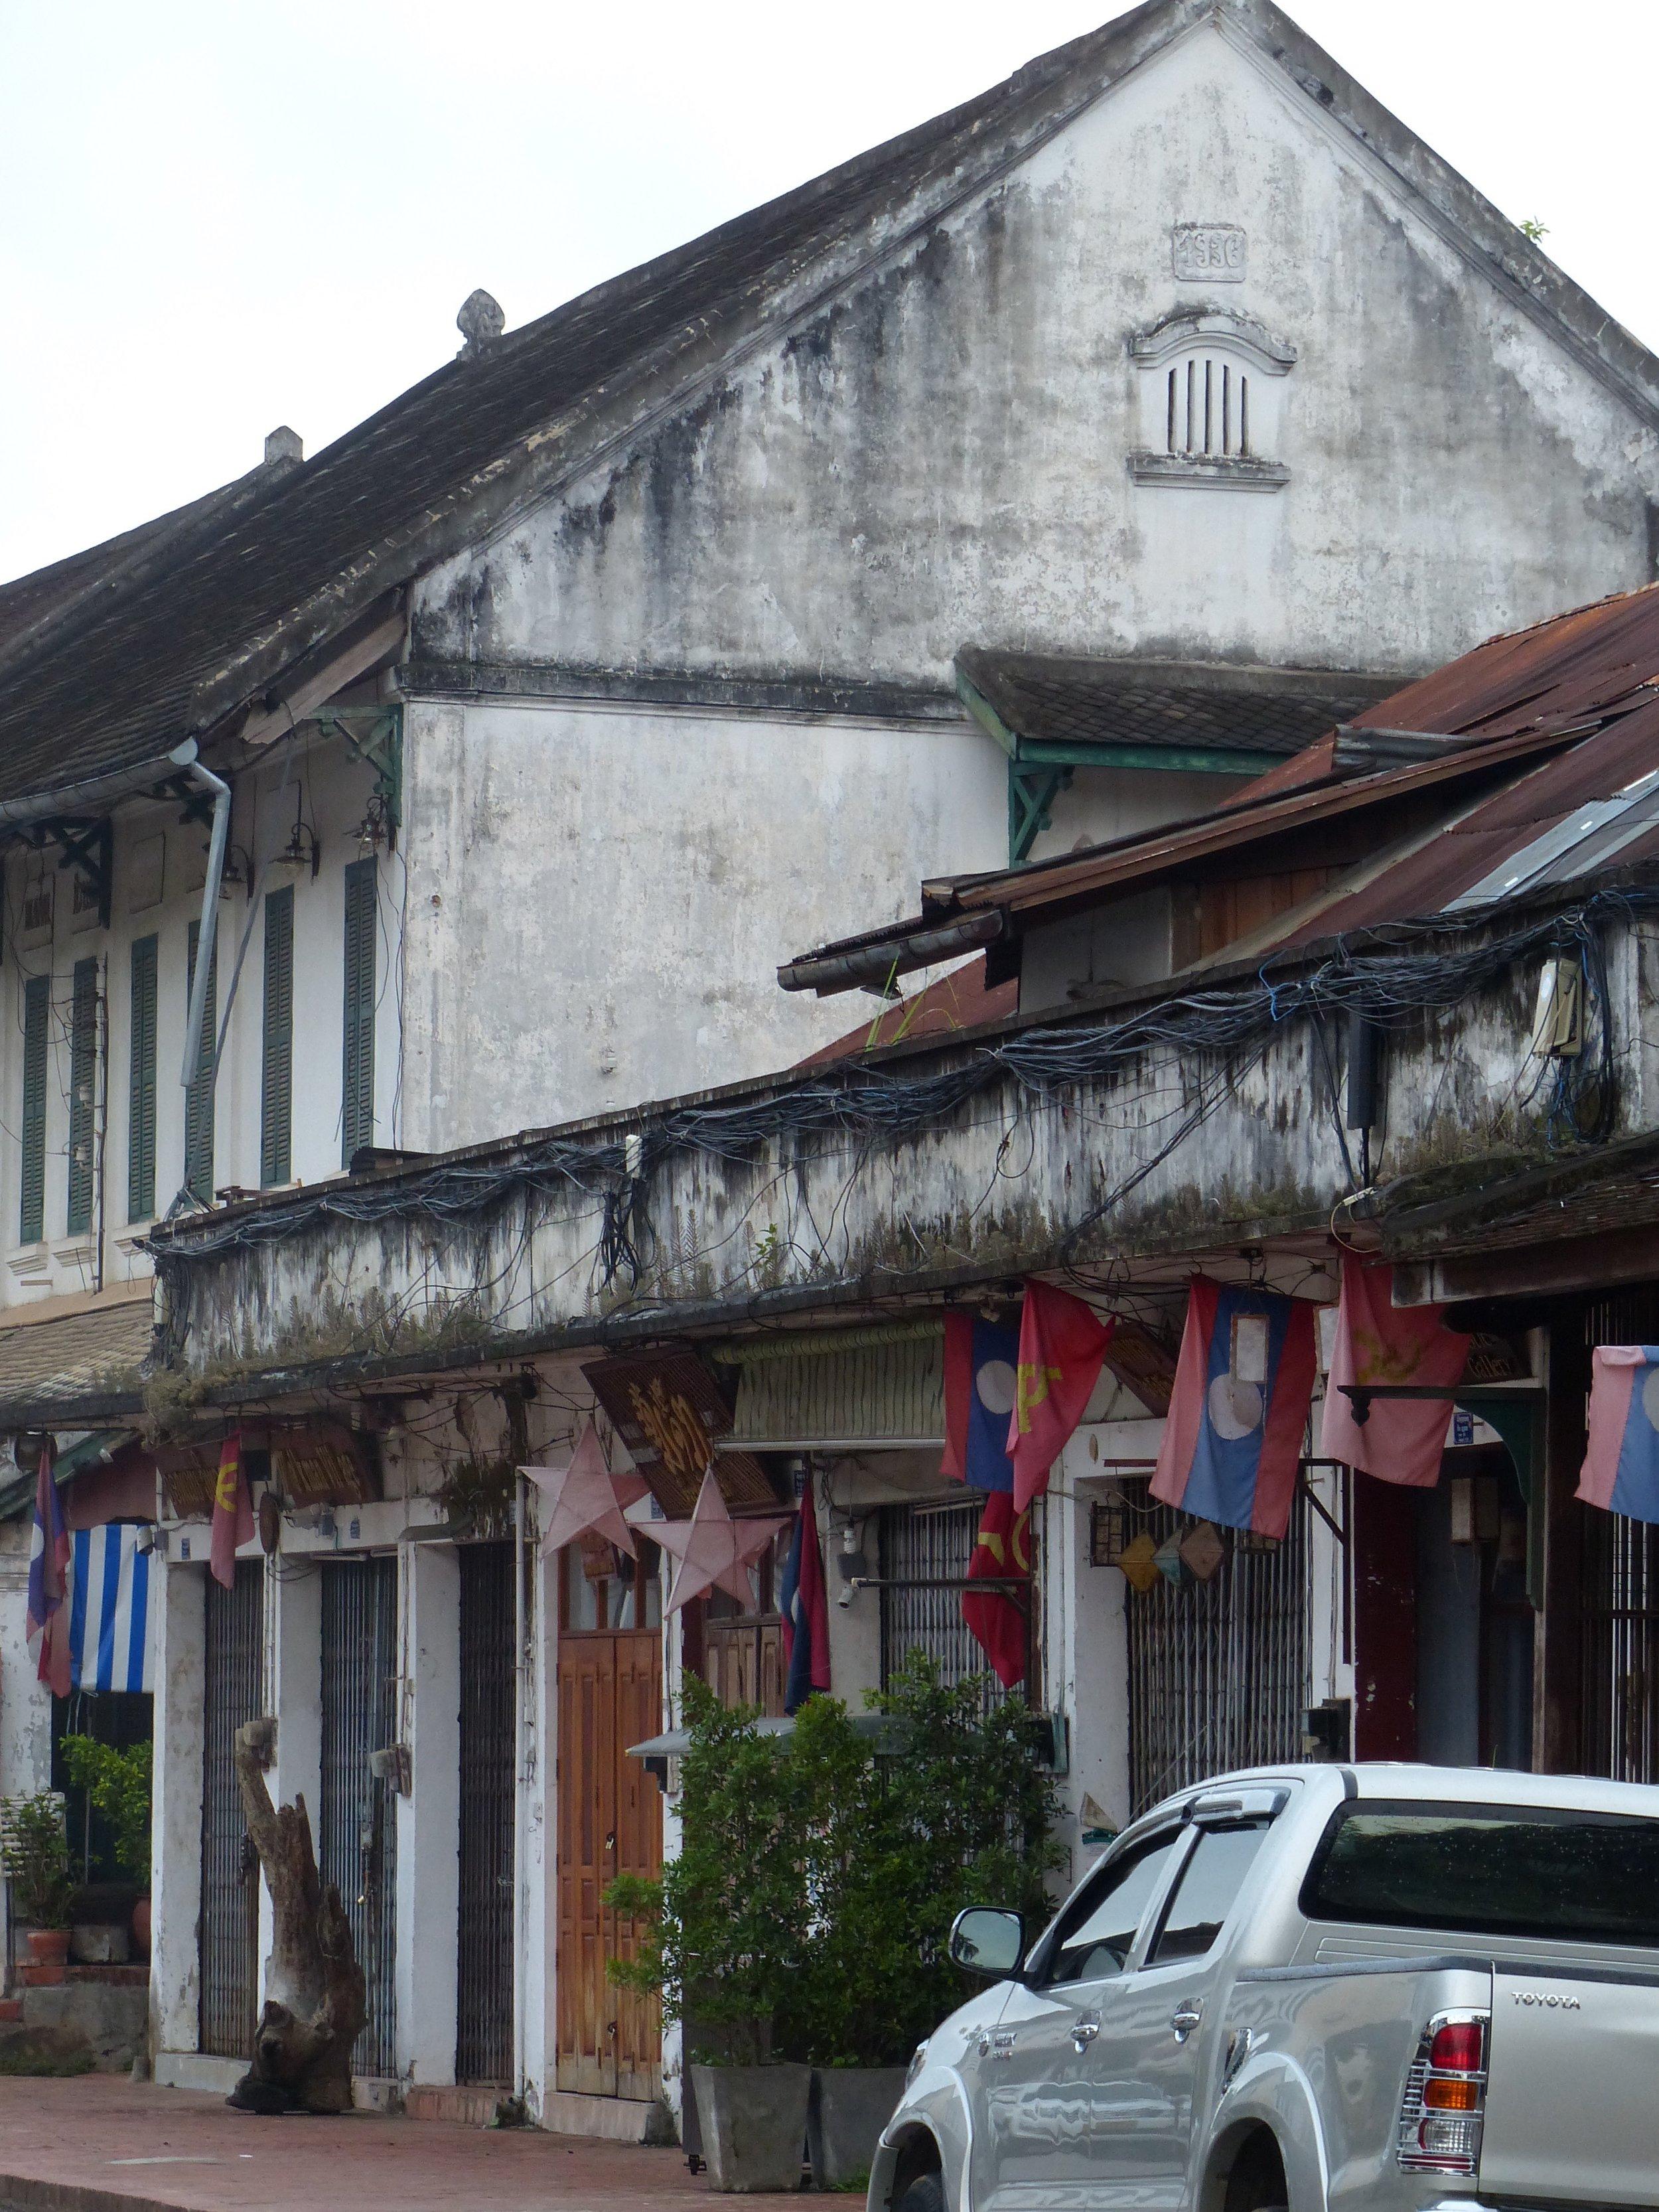 Wandering the streets of Luang Prabang